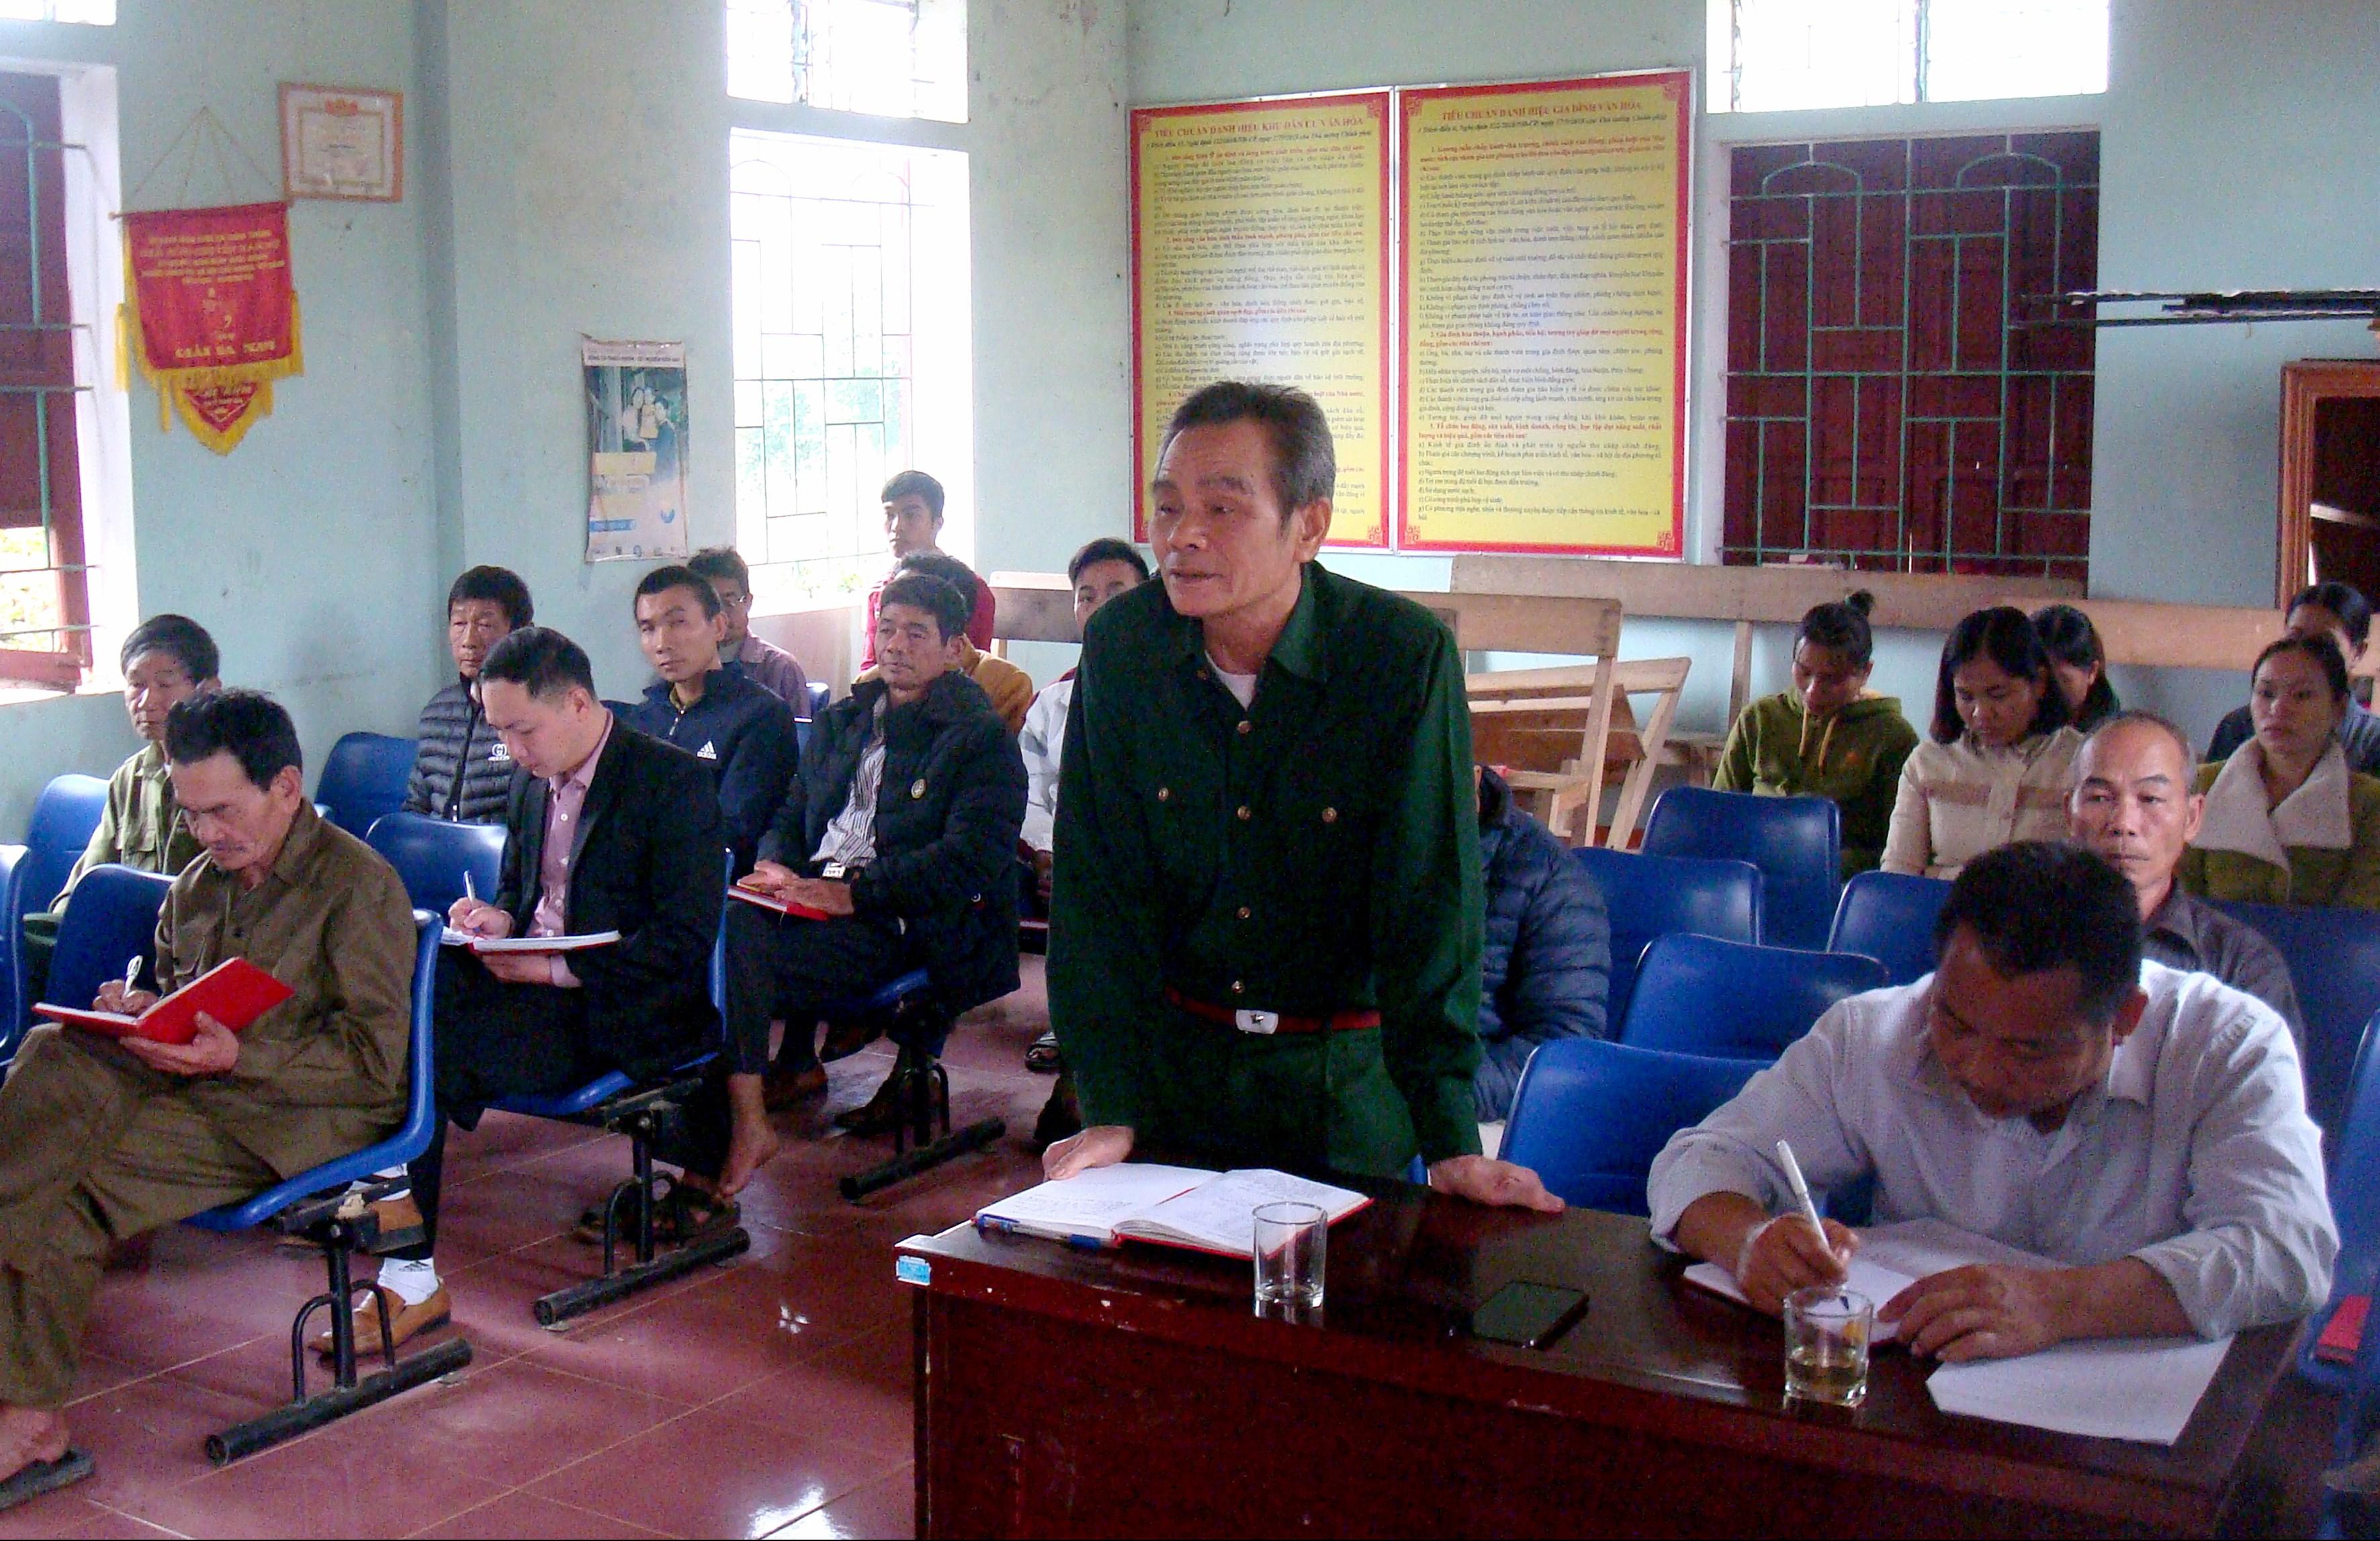 Ông Lương Quyết Thắng (người mặc quân phục) phát biểu tại Hội nghị Chi bộ bản Cằng Bài.